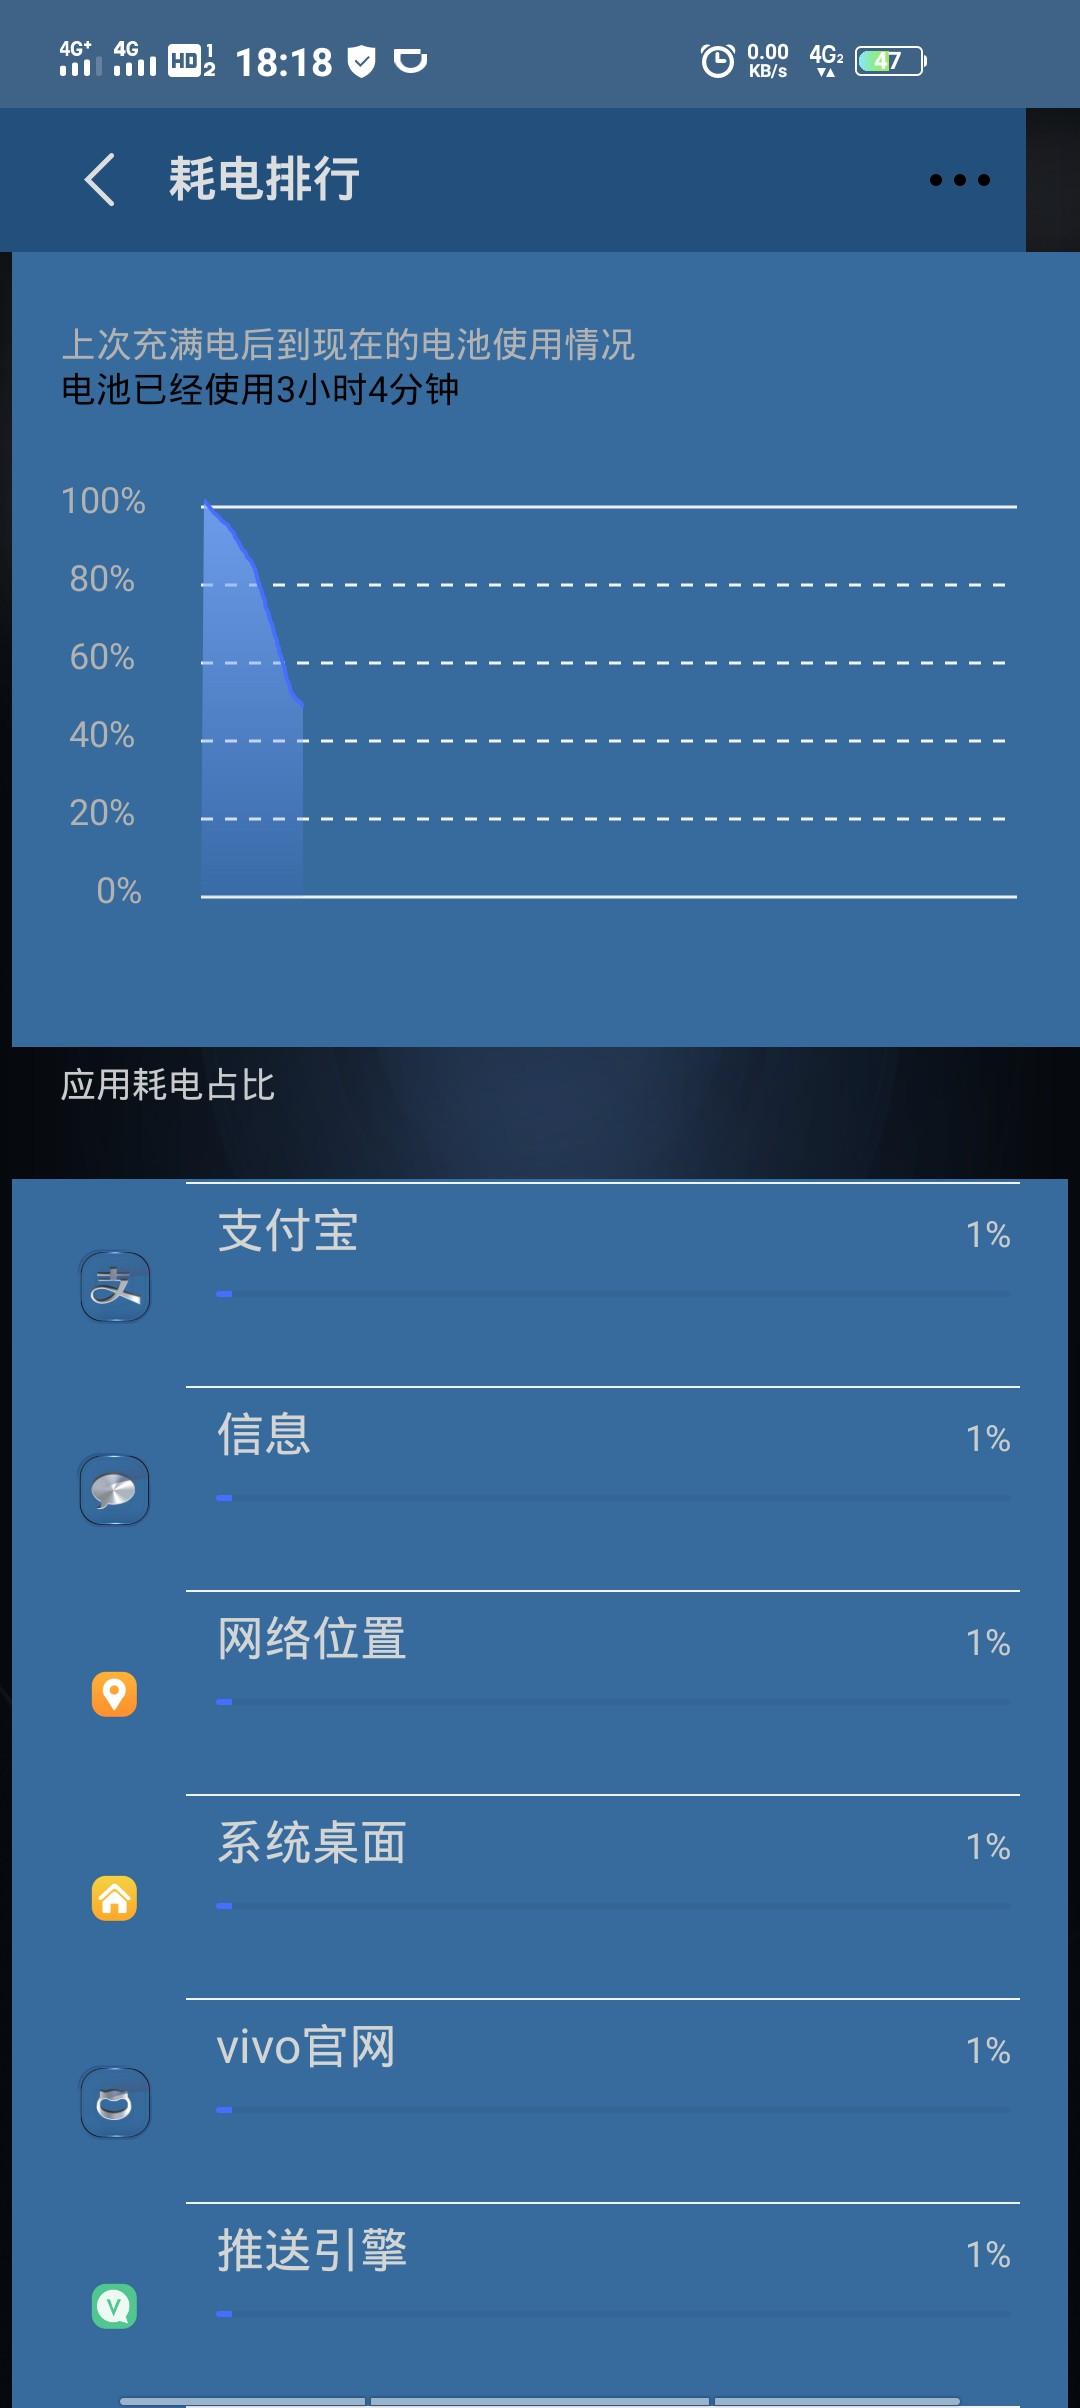 Screenshot_2020_0726_181814.jpg